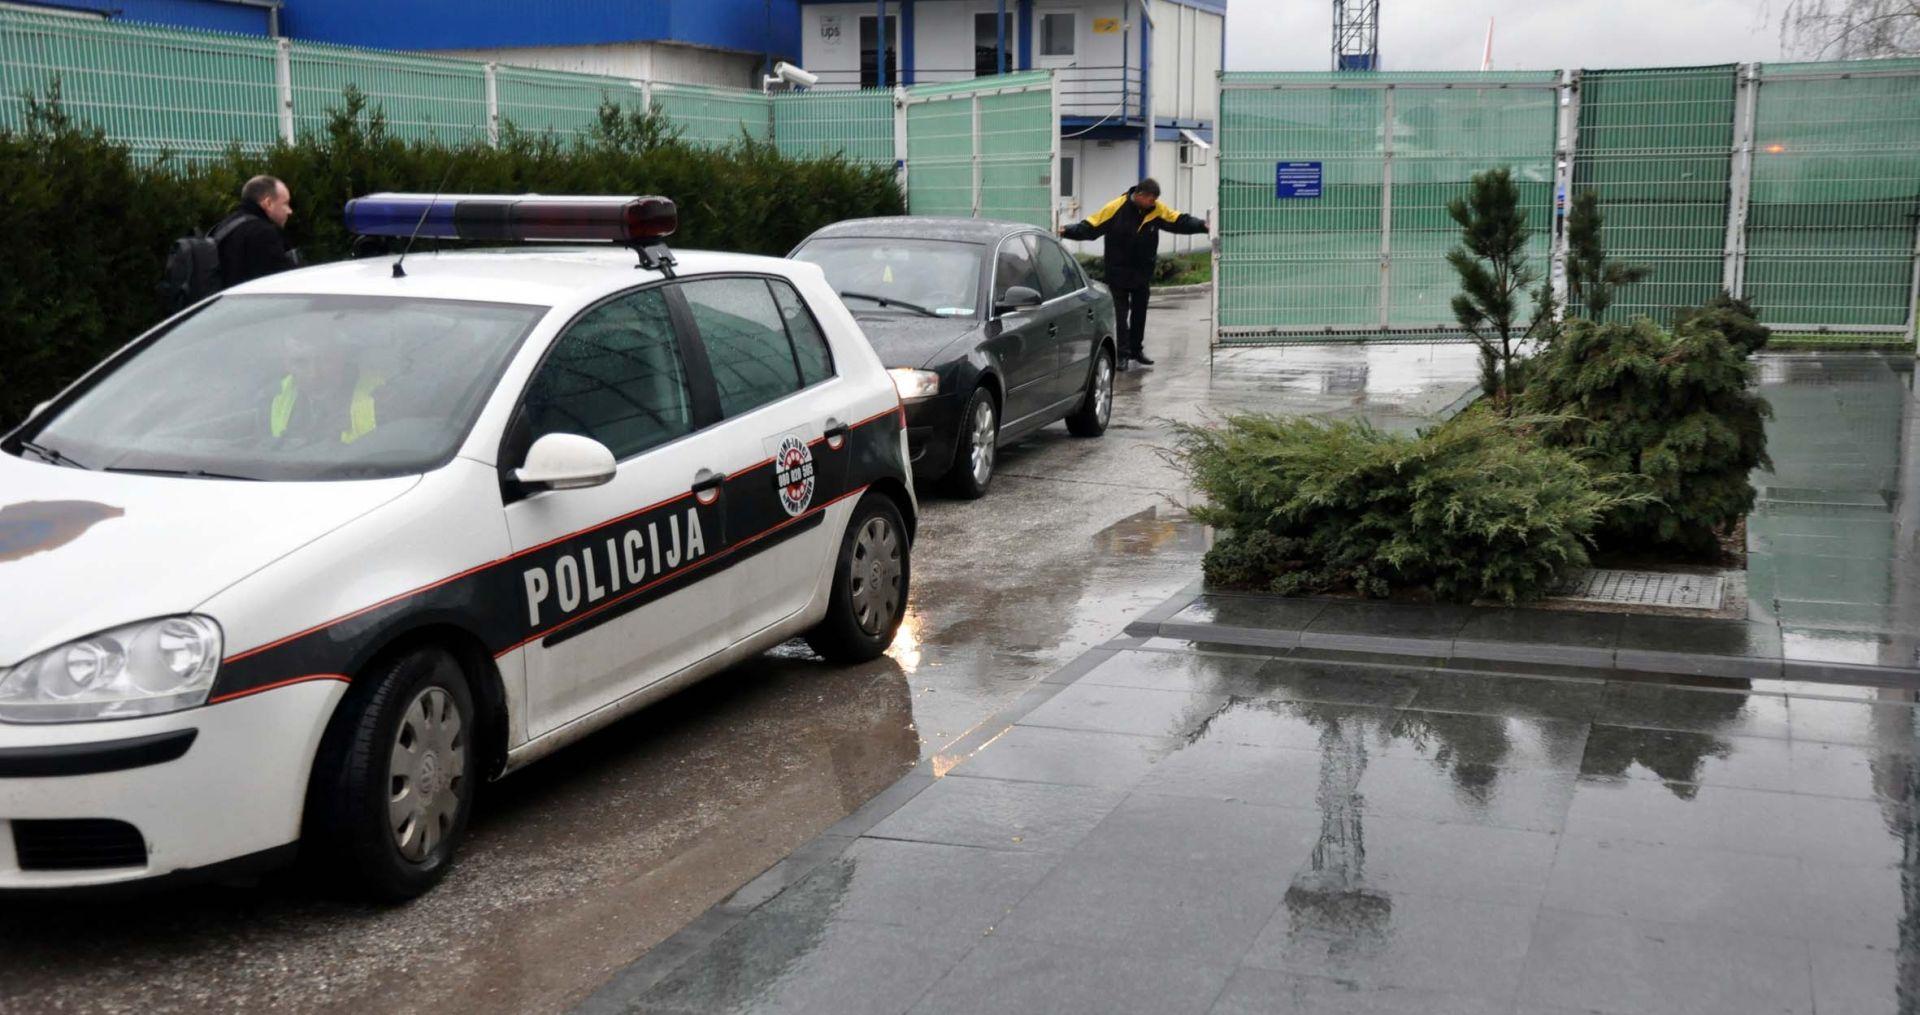 SARAJEVSKA ZRAČNA LUKA Zbog terorizma uhićen 19-godišnjak